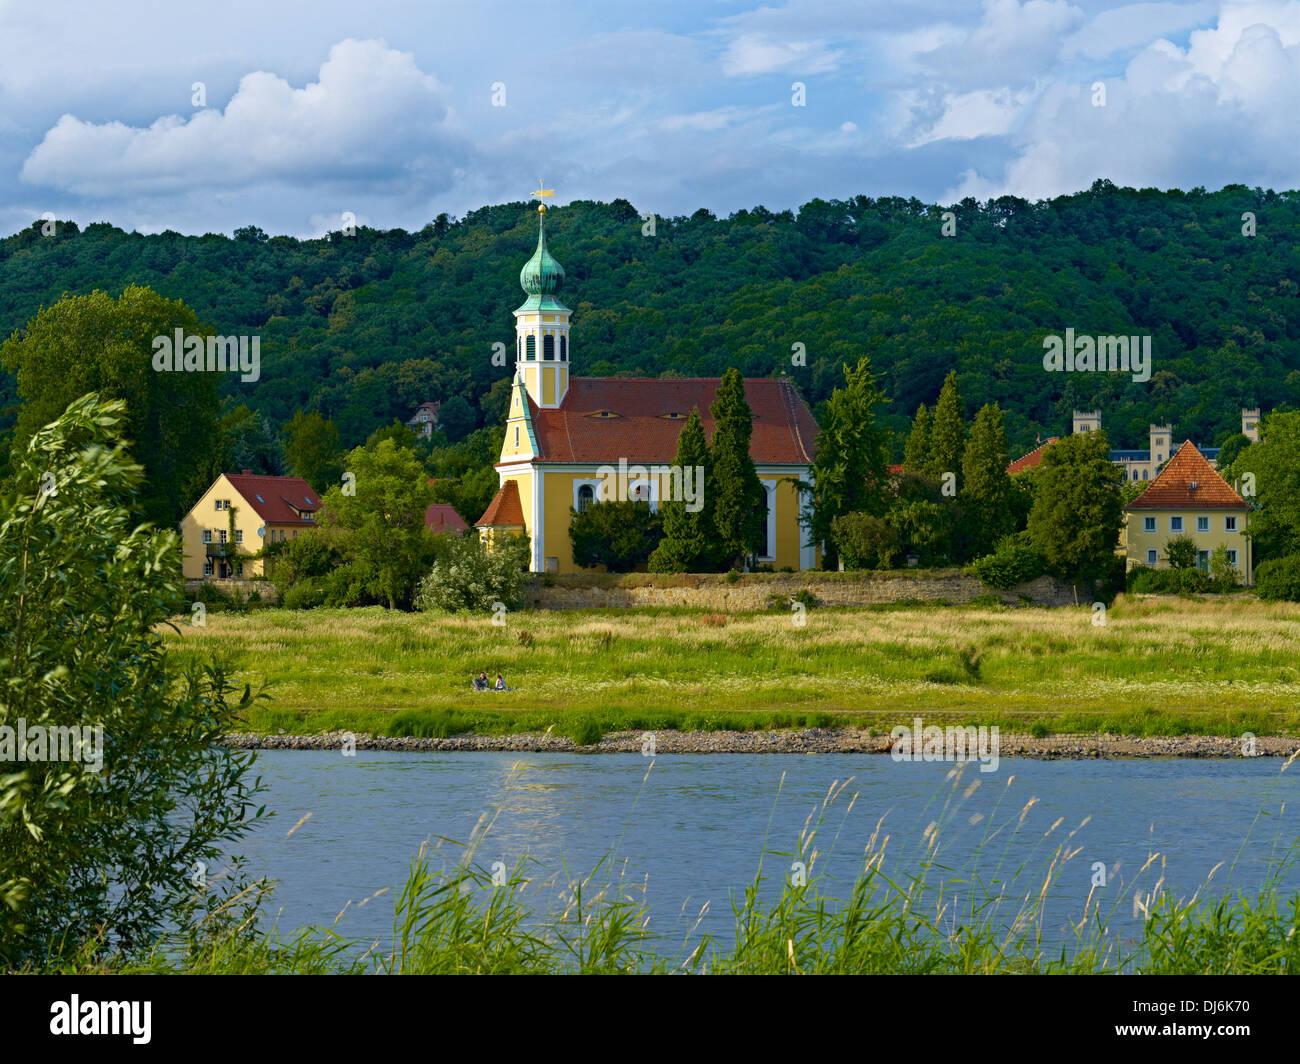 Chiesa Maria sull'acqua, Hosterwitz, Dresda, Sassonia, Germania Immagini Stock